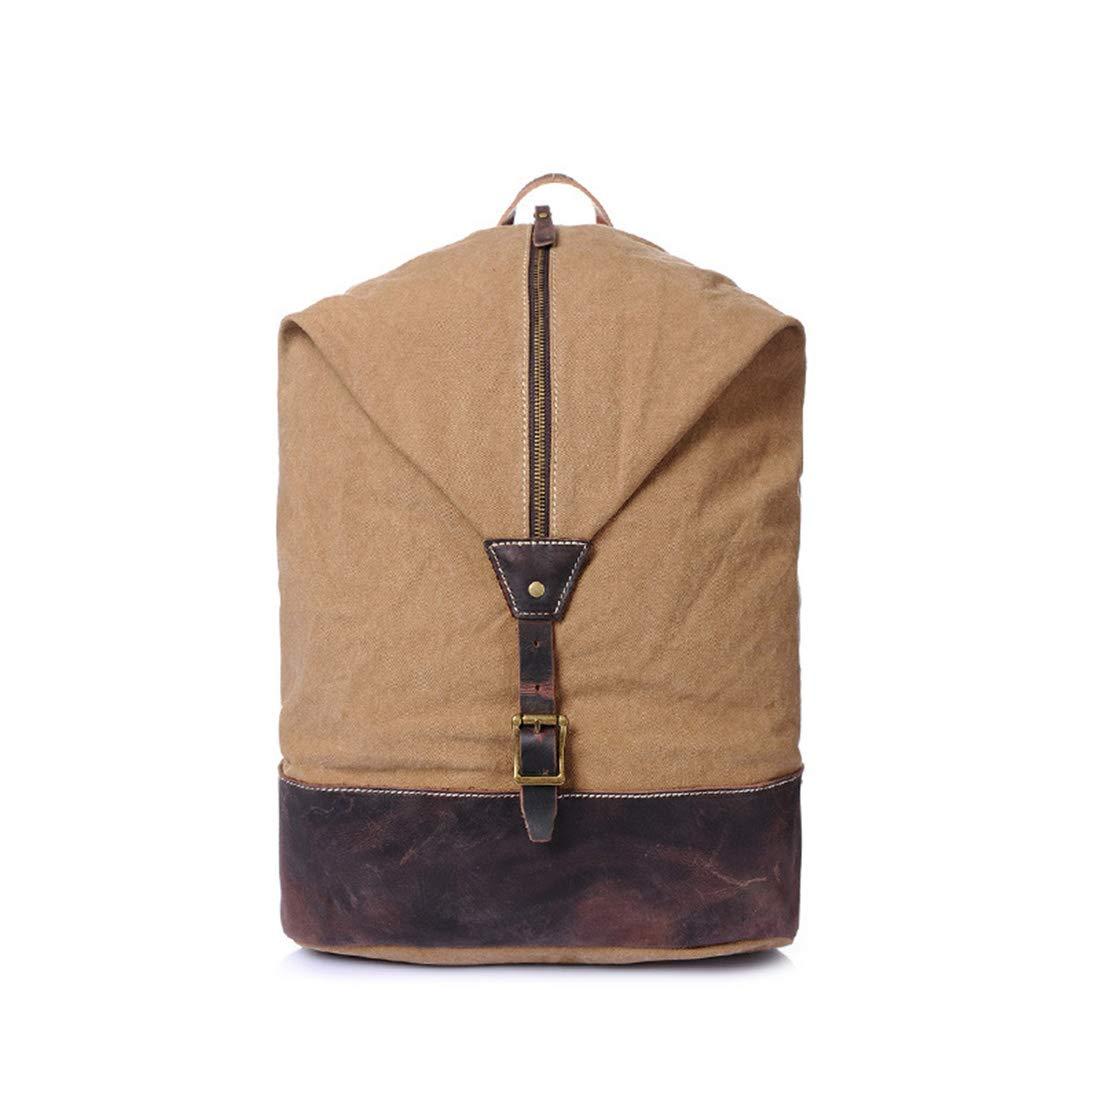 Vergeania 男性/女性バックパックデイパック防水ヴィンテージジッパーキャンバスバケットバッグ学生アウトドアショッピングバックパック (色 : Camel color) B07RSBLM61 Camel color